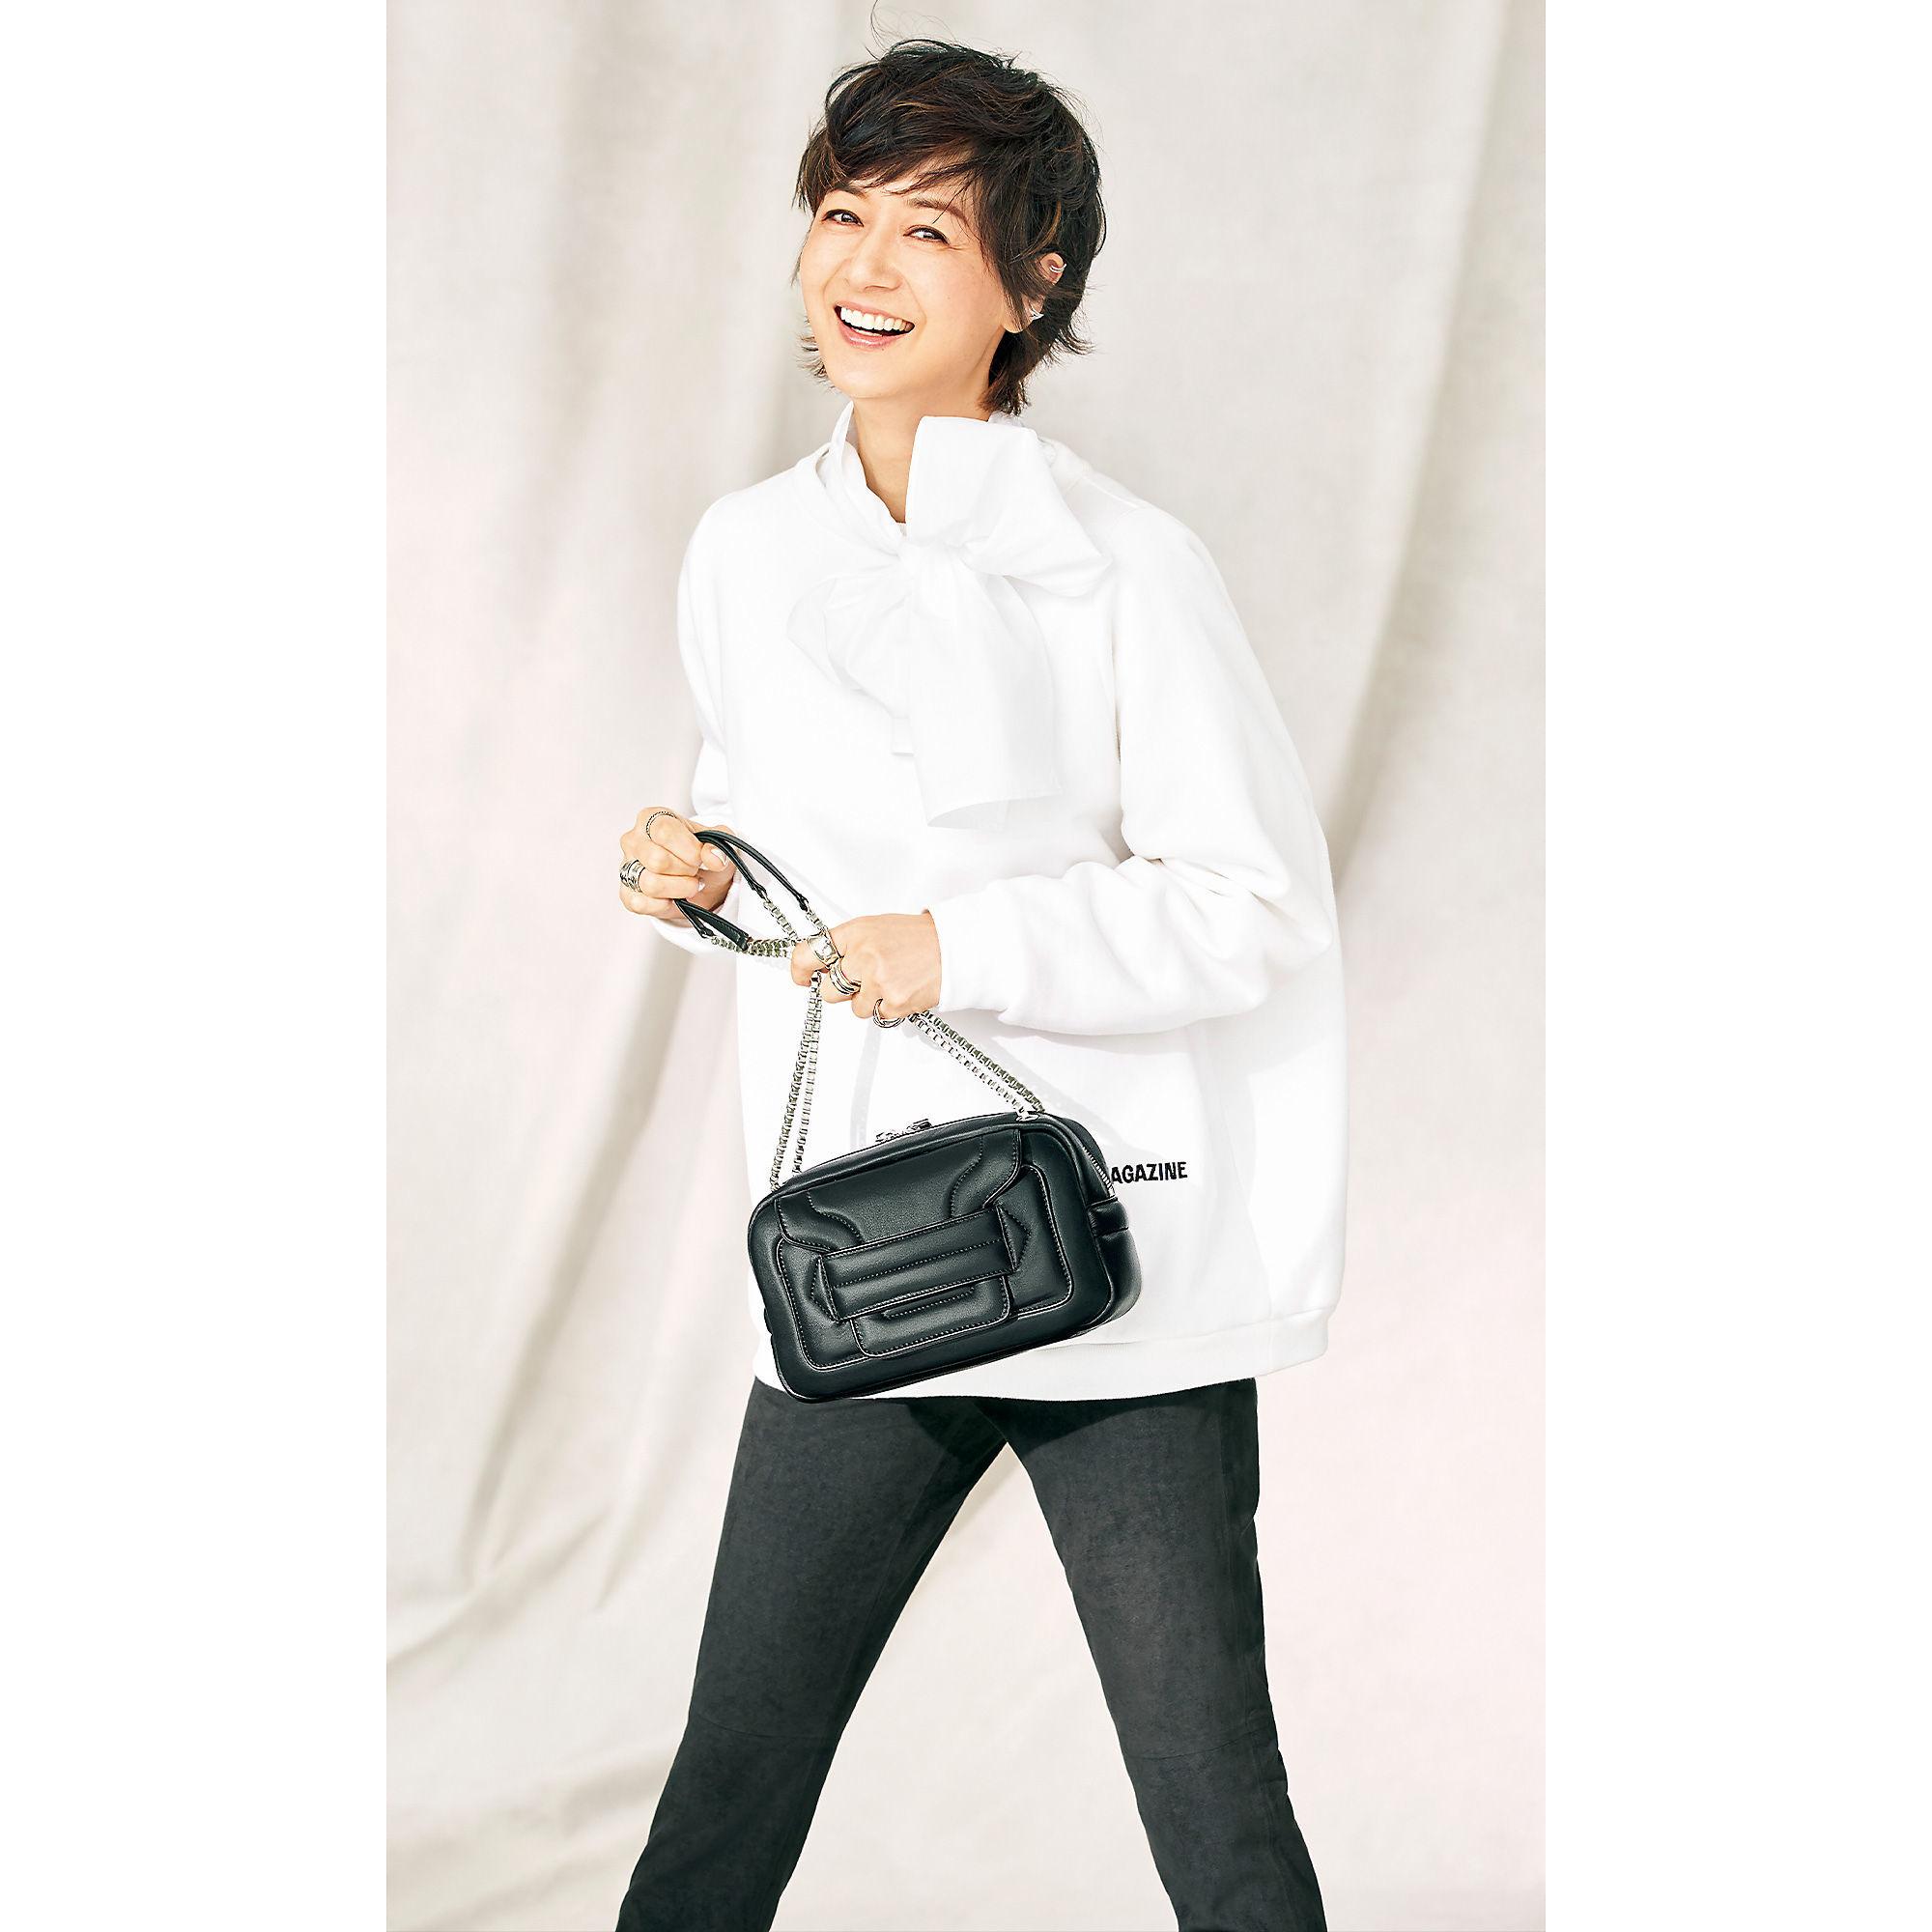 今、投資すべきは日常アイテム!「大人の女性こそ、素敵なバッグと靴 」まとめ_1_1